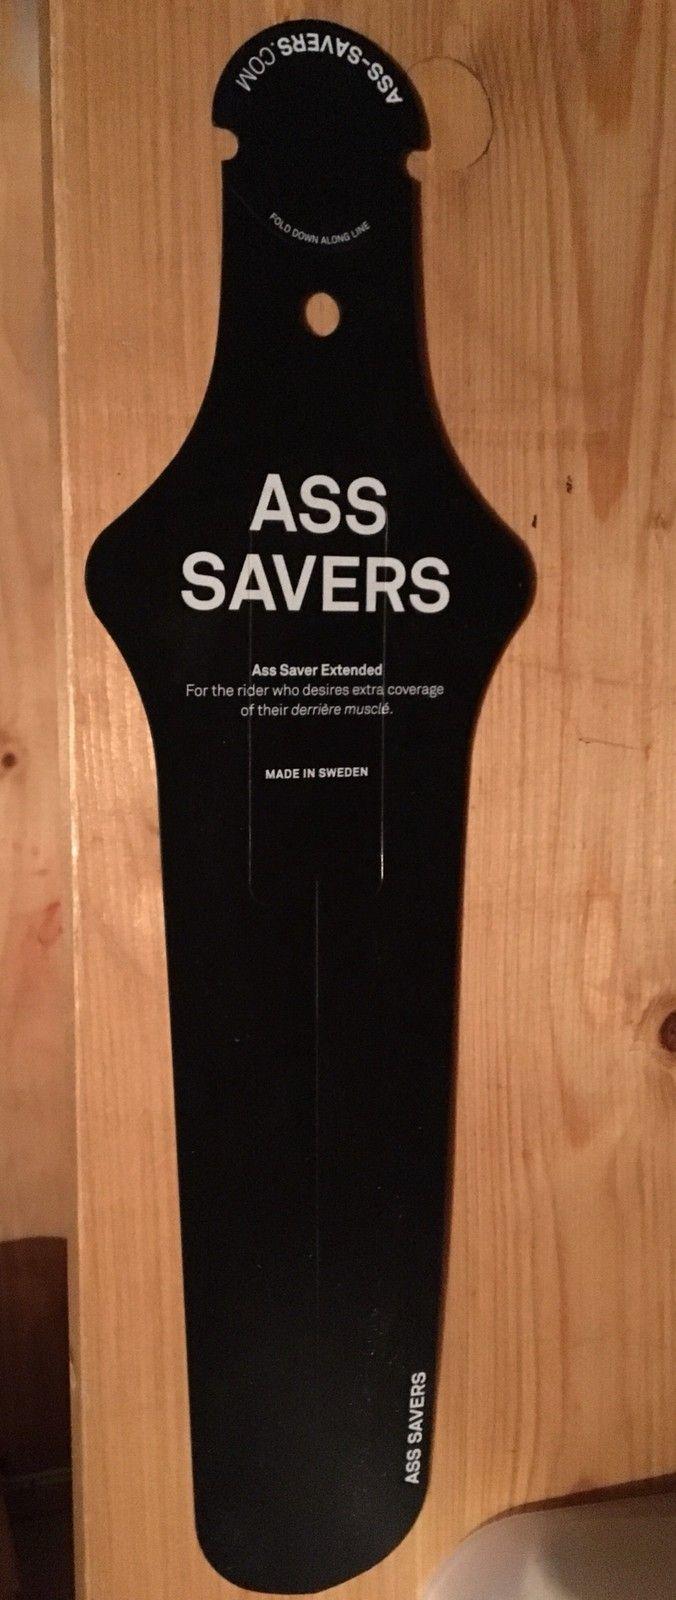 Ass Saver Extended - Oslo  - Ubrukt Ass Saver Extended, sort.  Hentes på Majorstuen i Oslo. Hvis du er interessert si fra når du kan hente den.  Sender gjerne mot at kjøper betaler fraktkostnad. - Oslo